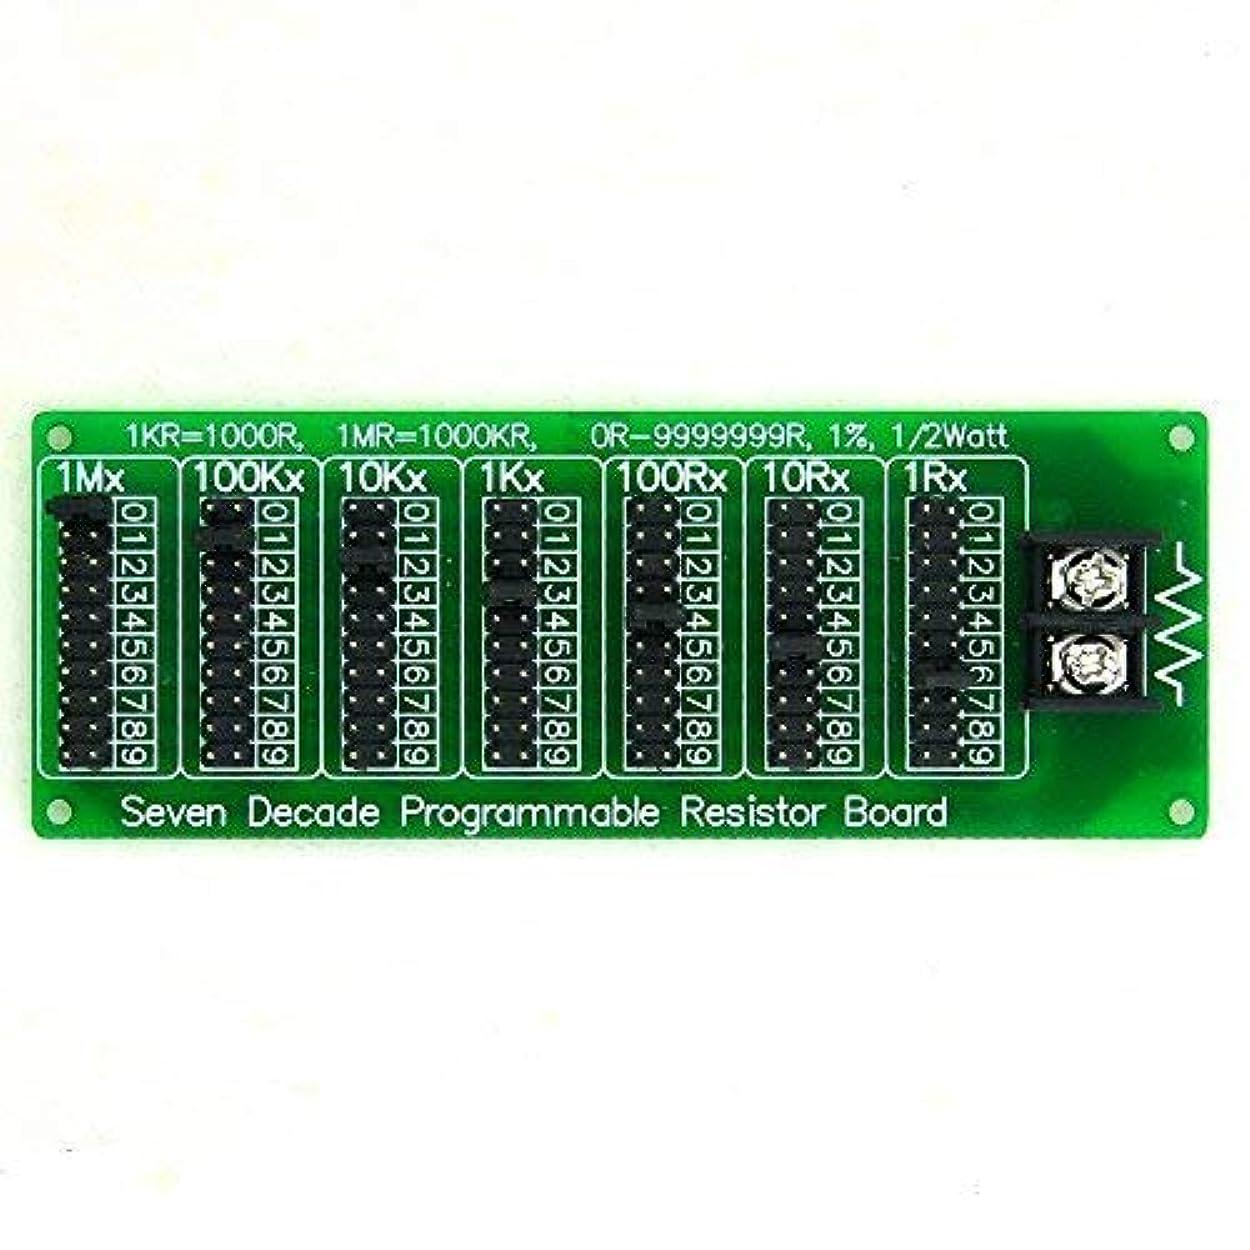 毒性甥アークElectronics-Salon 1R - 9999999r 7十年 プログラマブル抵抗基板 ステップ1R 1%1/2ワット